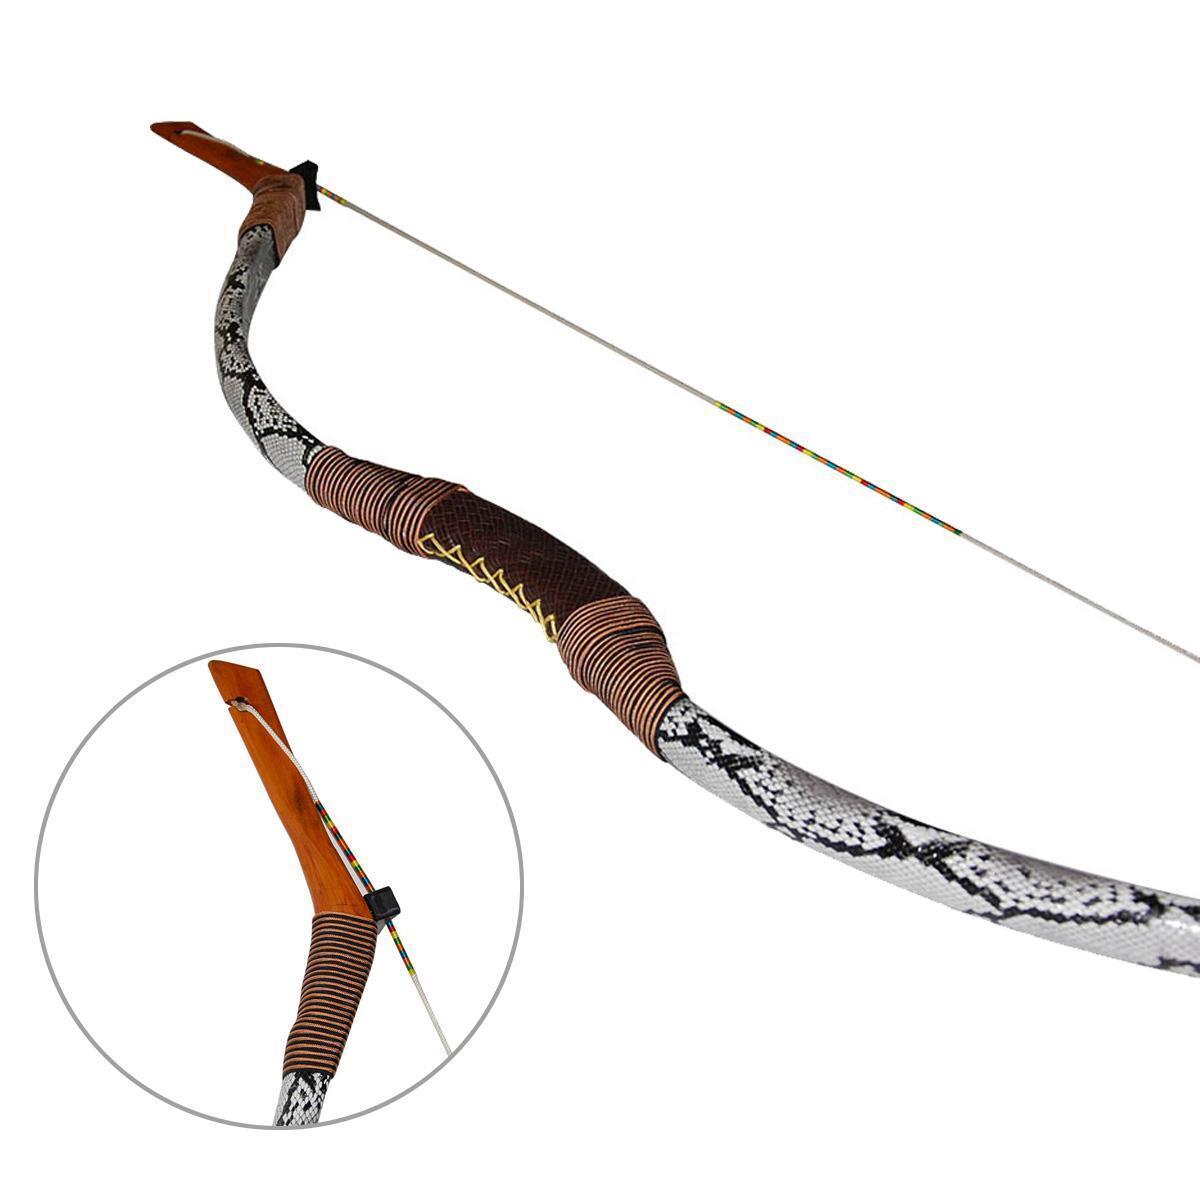 30-50 lb 56  Piel De Serpiente Cuero Tradicional Recurvo Arco hecho a mano Mongolia Longbow